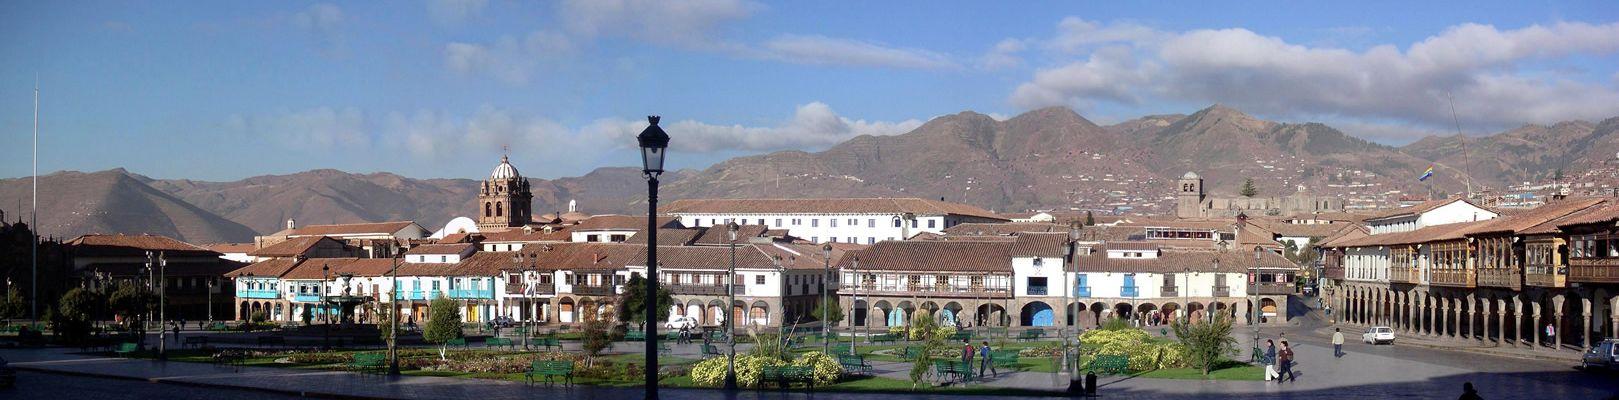 Cuzco - voyage au Pérou